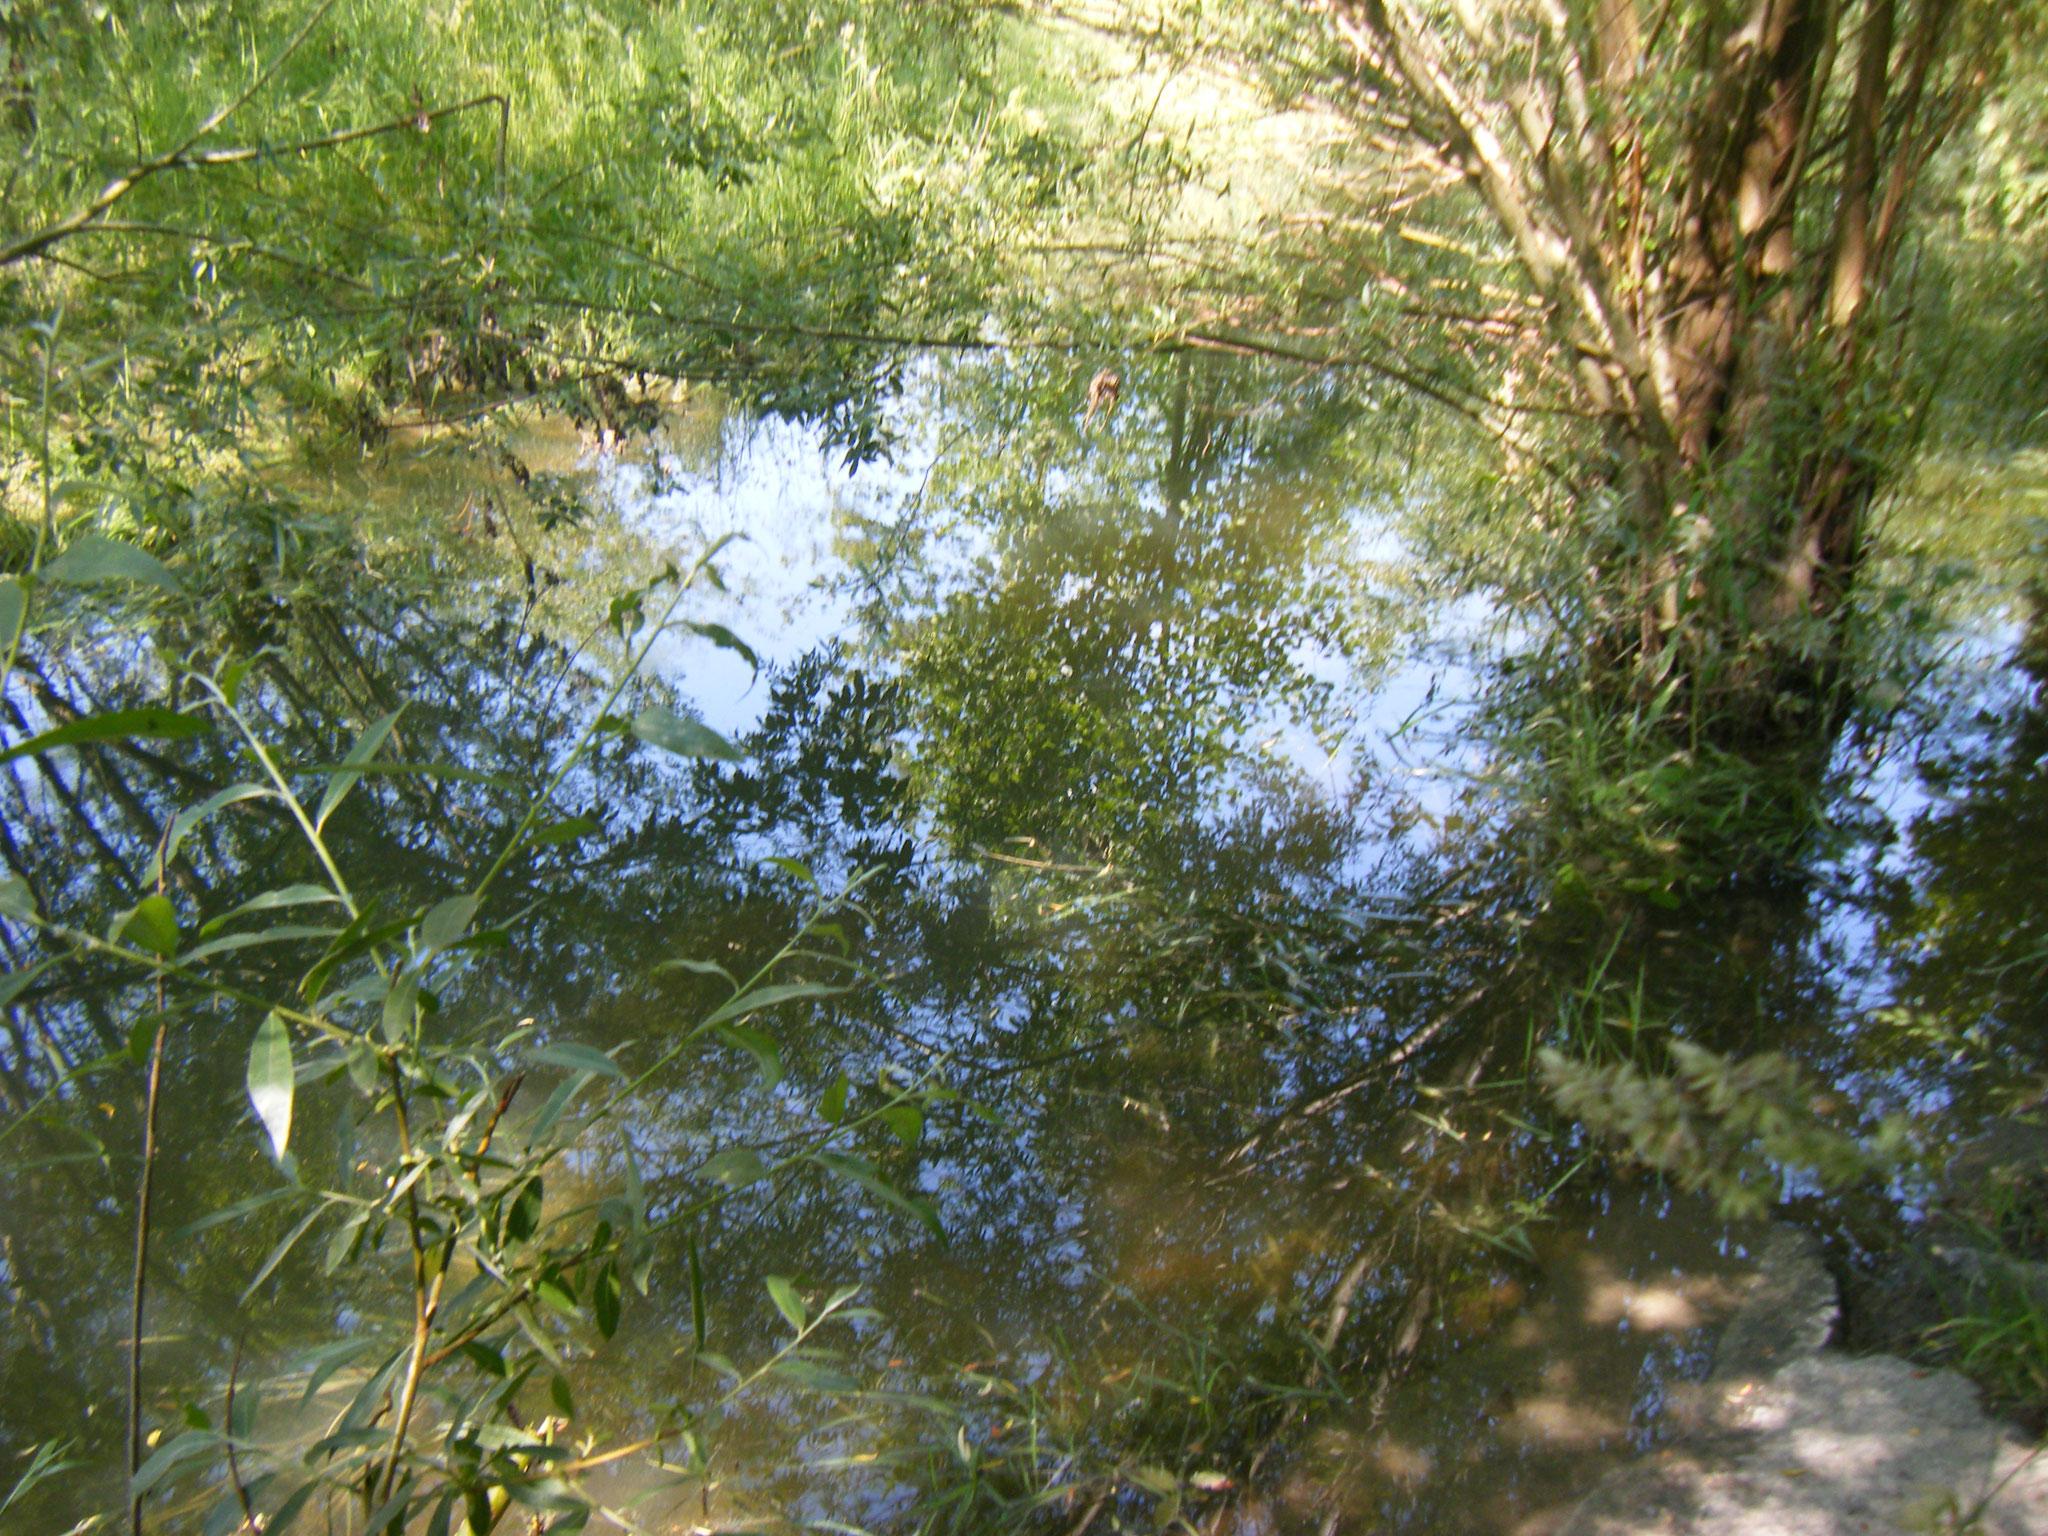 der wiederum hat einen deutlich erhöhtem Wasserspiegel und ist fast 4 m breit